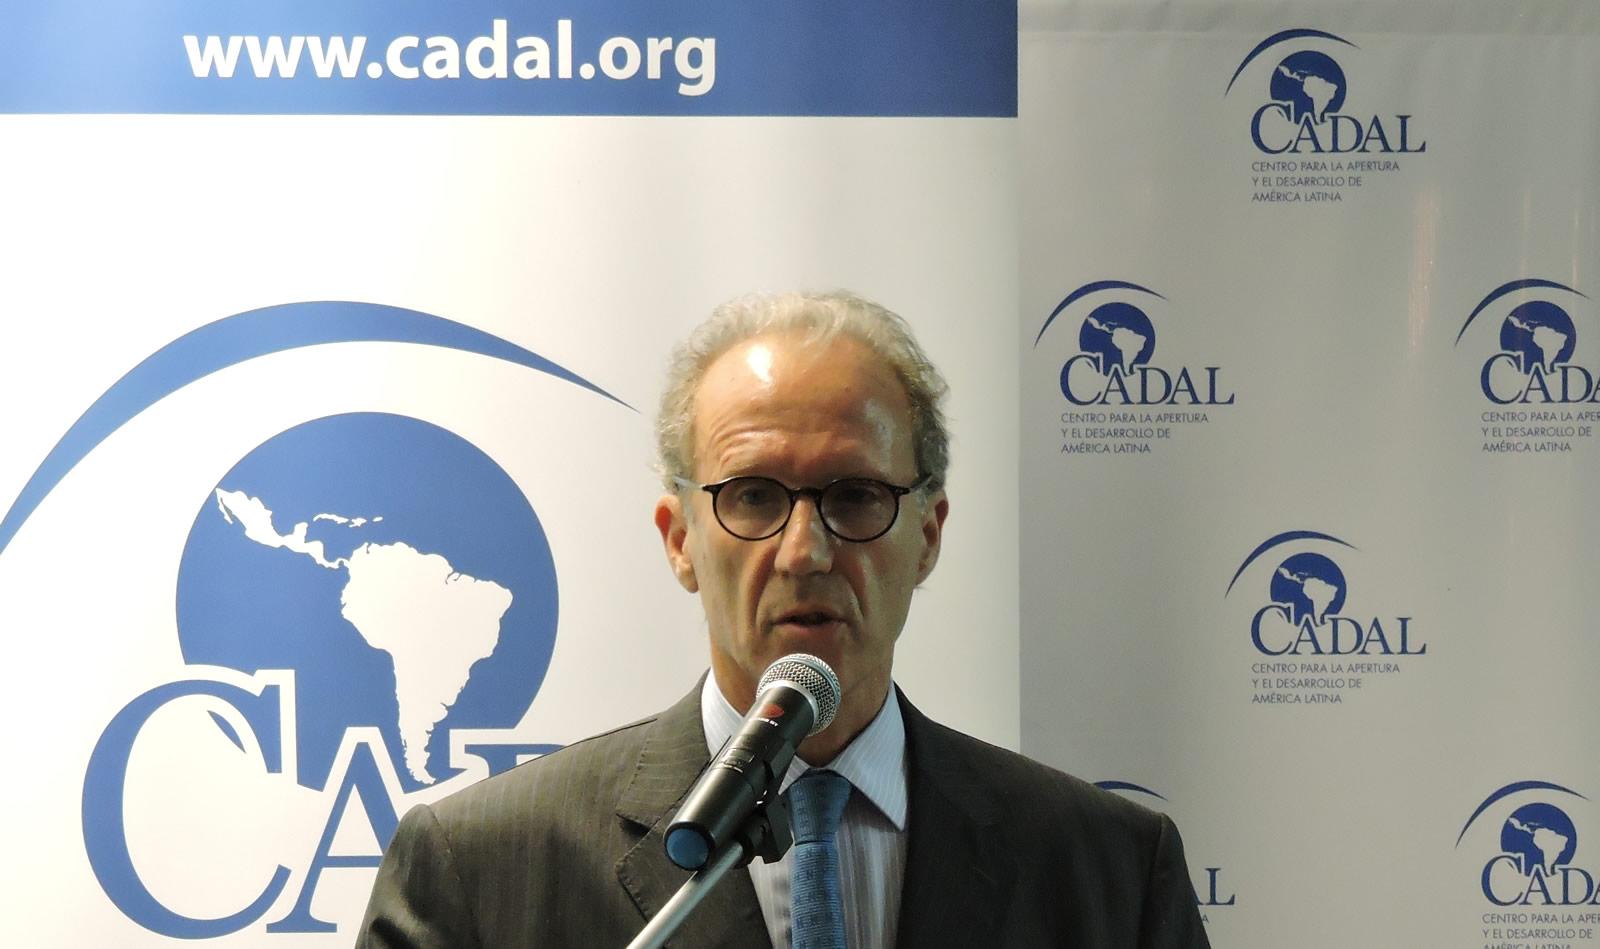 Carlos Rosenkrantz en la presentación del libro:Crímenes de Estado, de Jaime Malamud Goiti